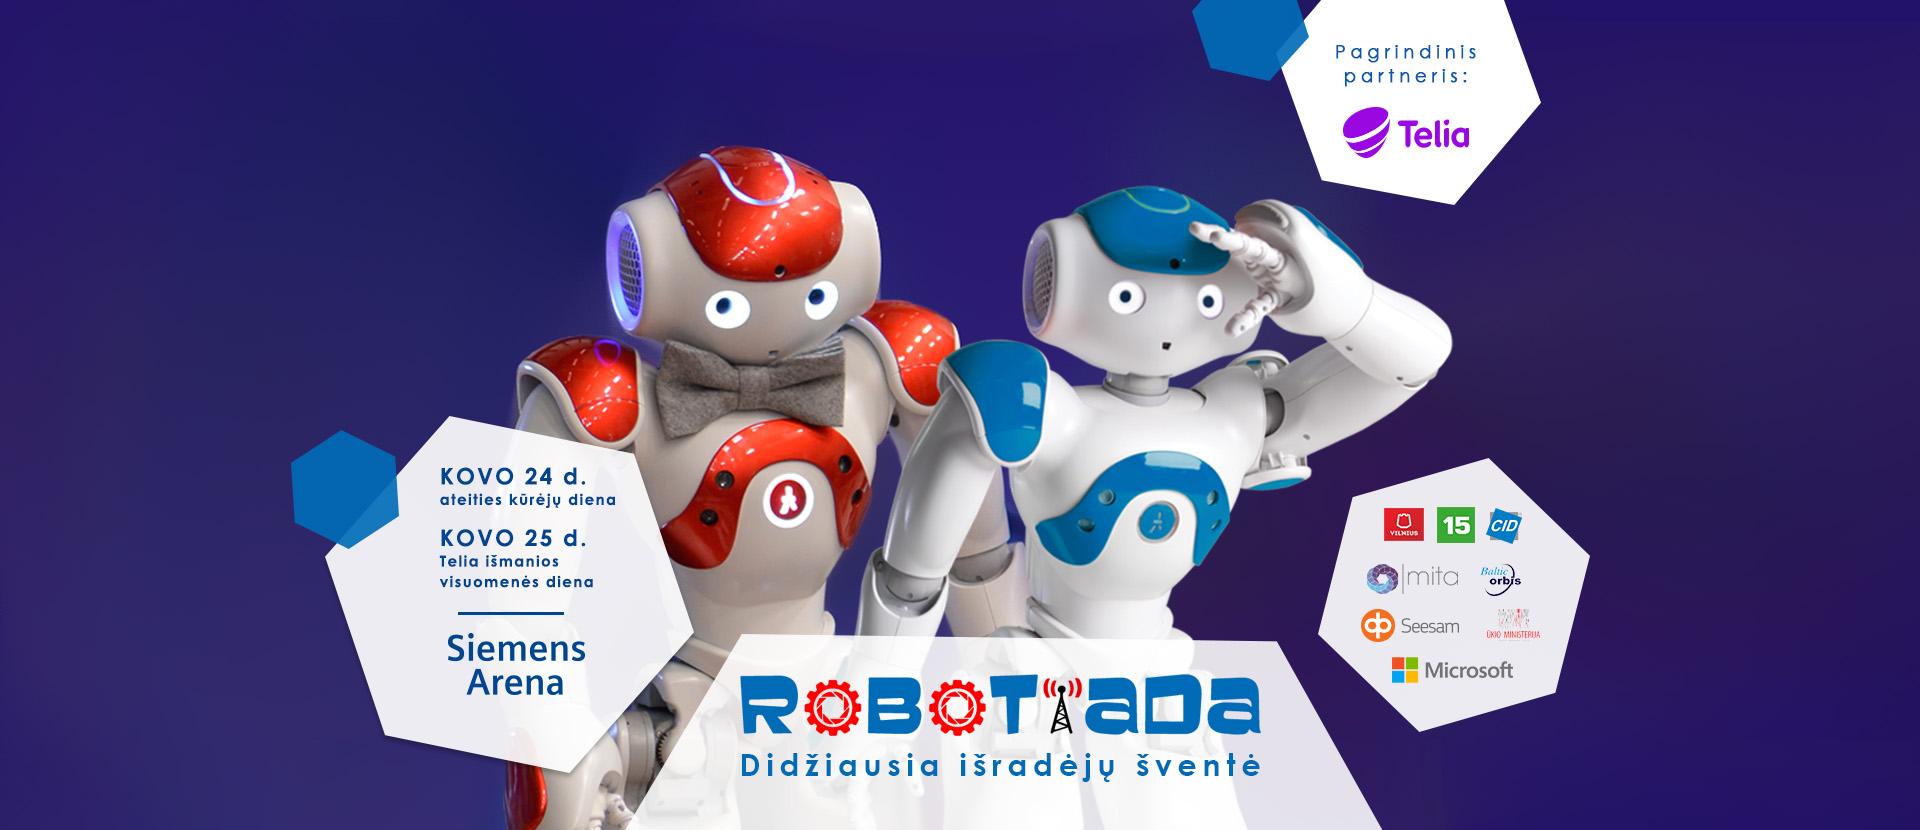 Robotiada 2017